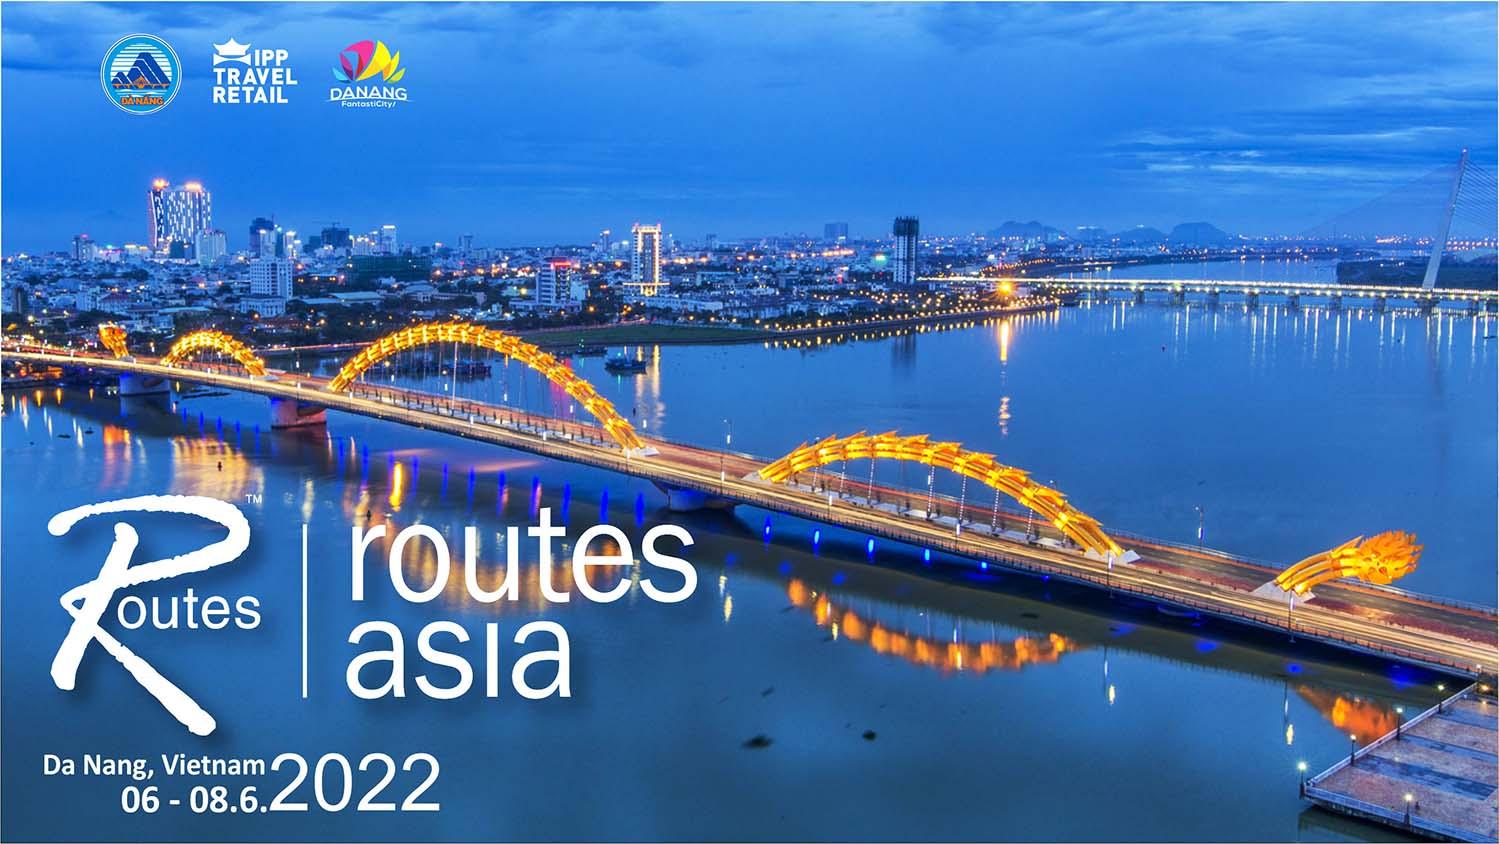 routes asian 2022 1634098833423924916199 10 địa điểm du lịch độc đáo nhất thế giới, mê mẩn ngay từ cái nhìn đầu tiên